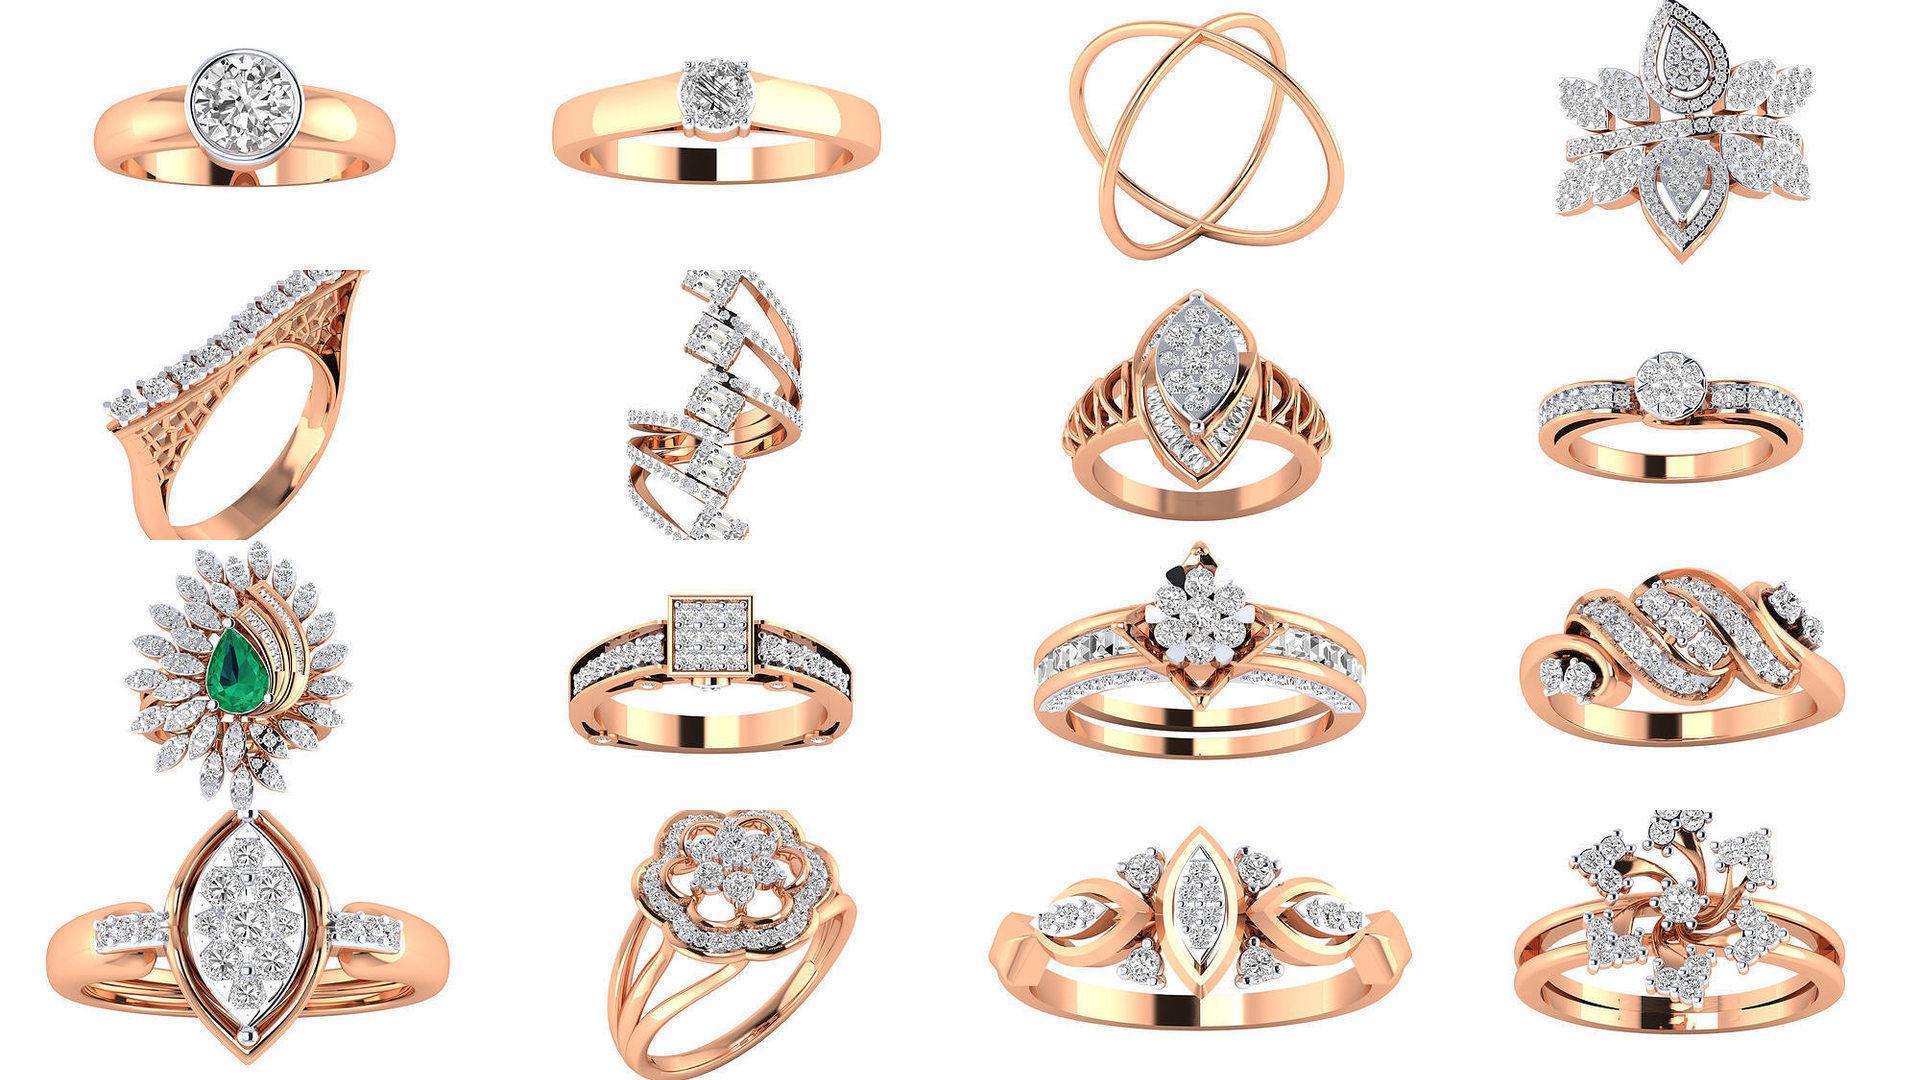 480 Women ring 3dm render 3D print model